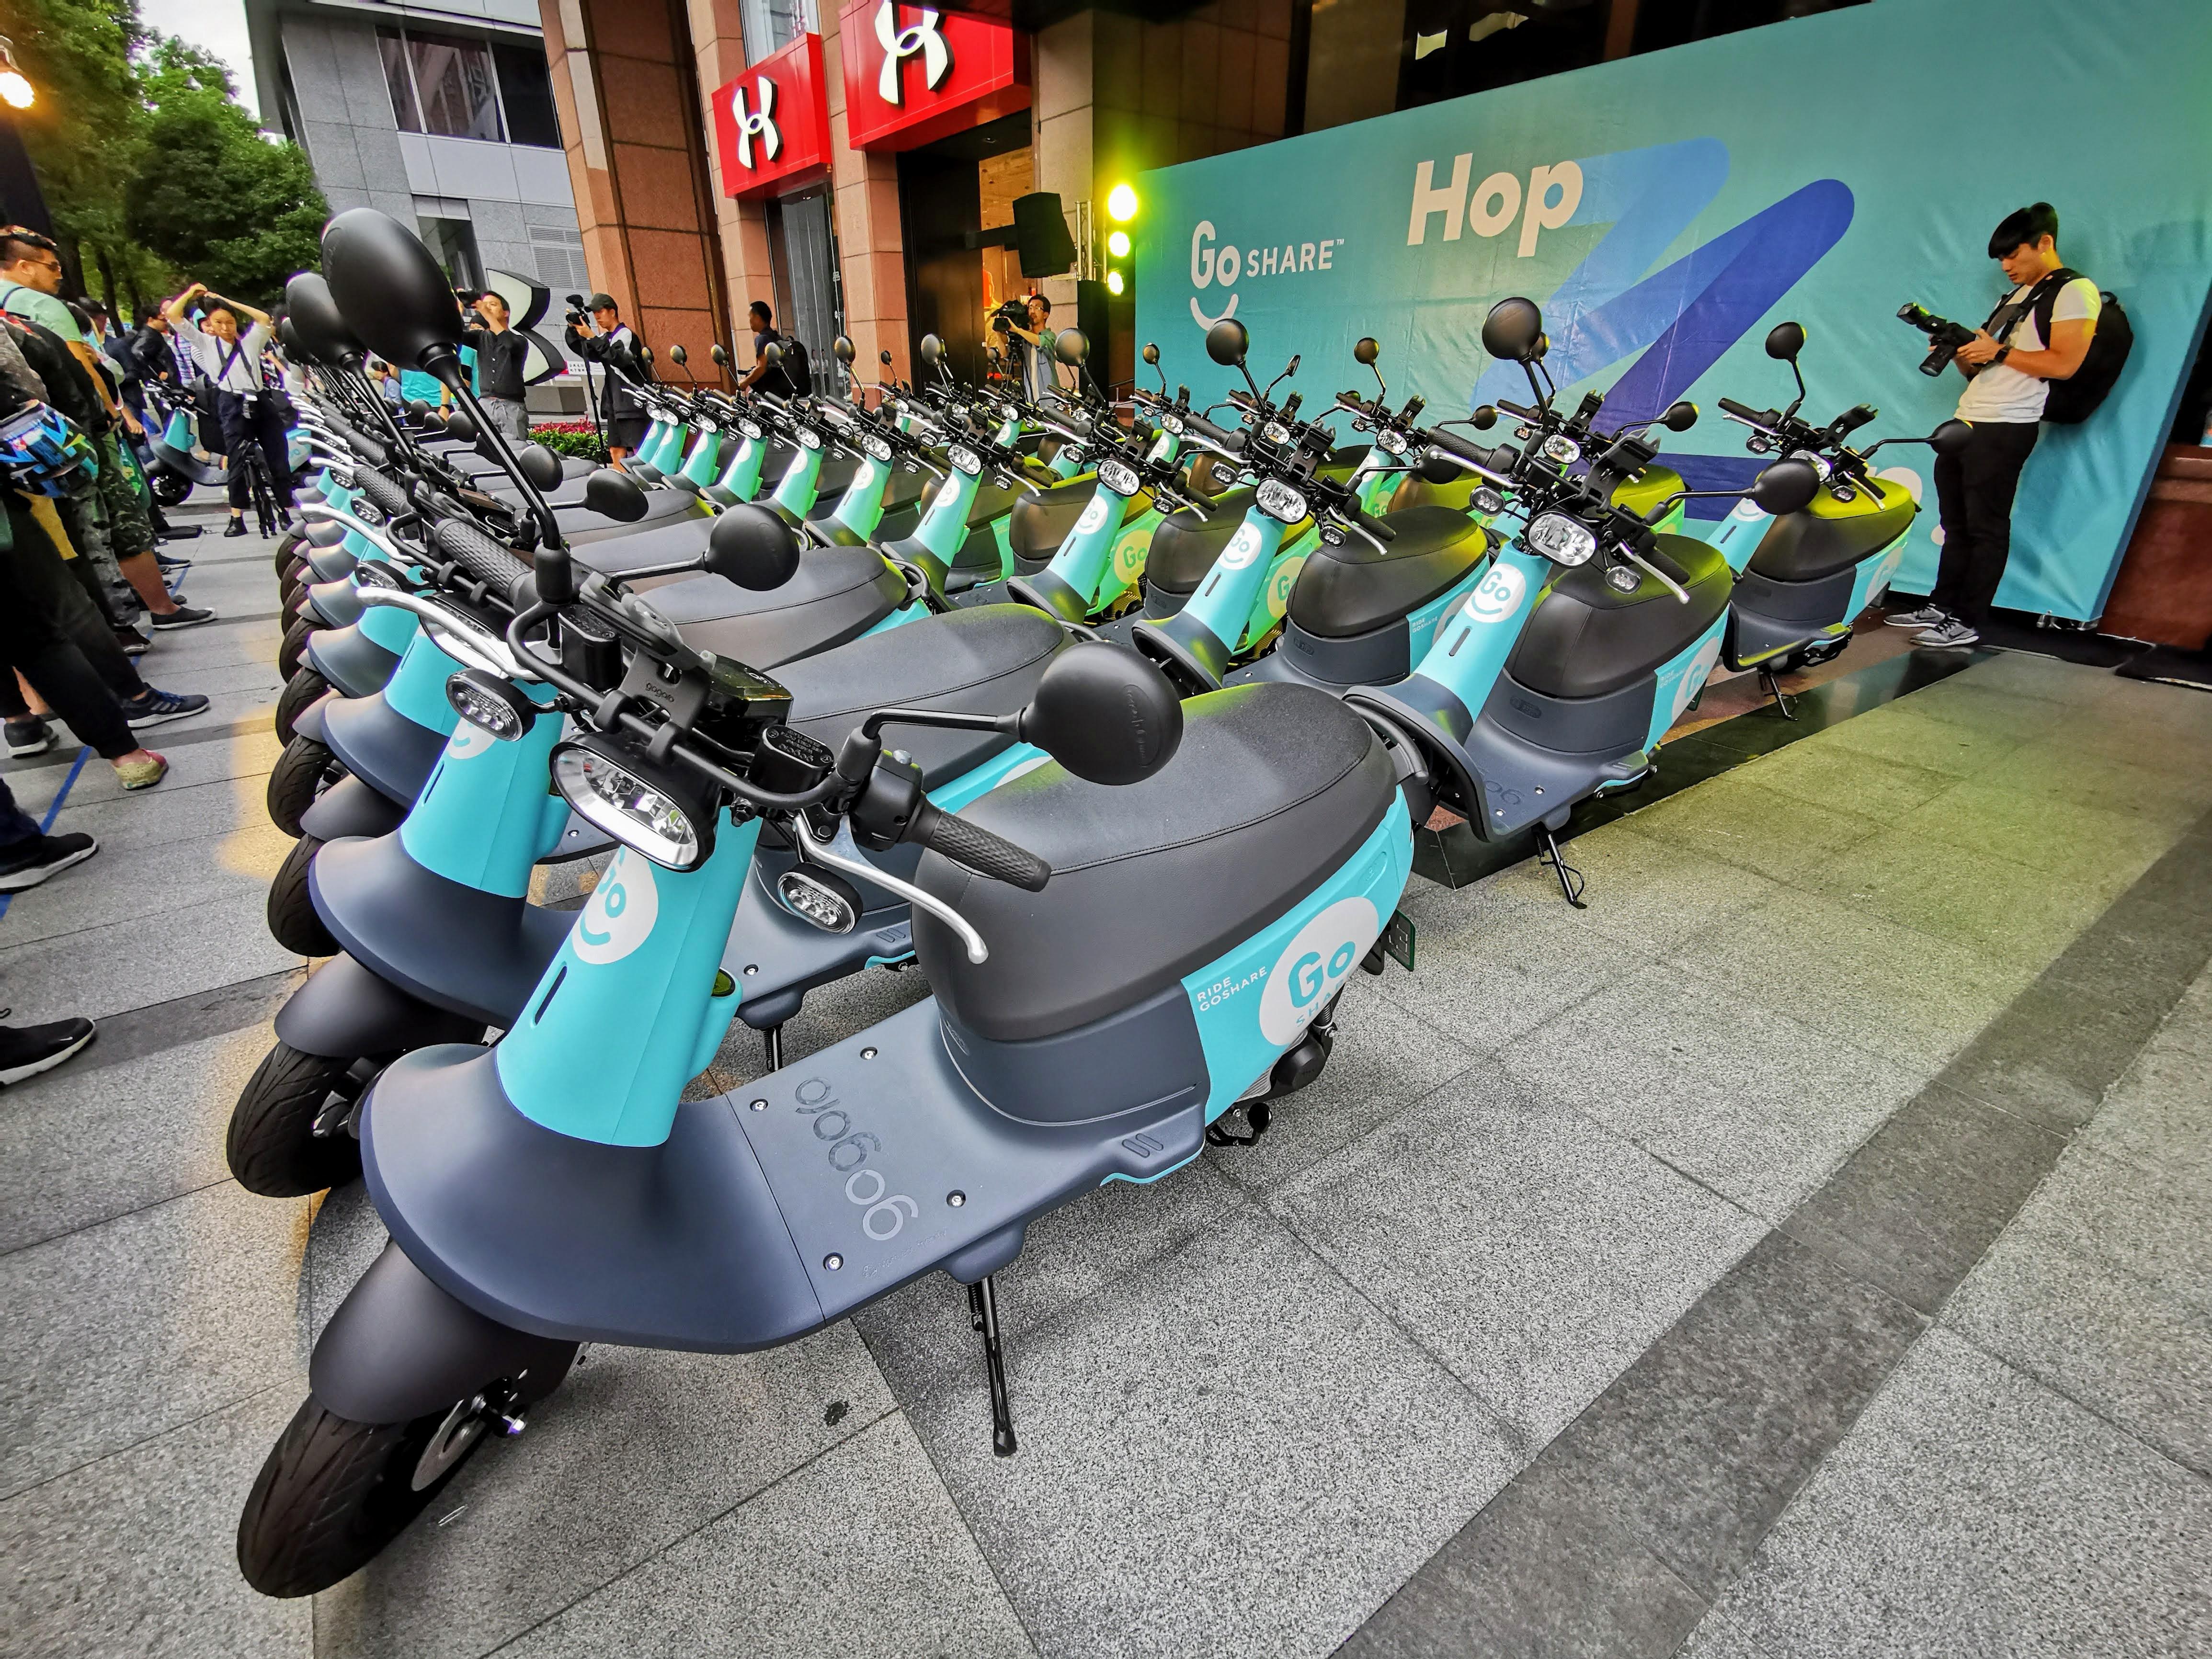 GoShare 移動共享服務於台北開跑